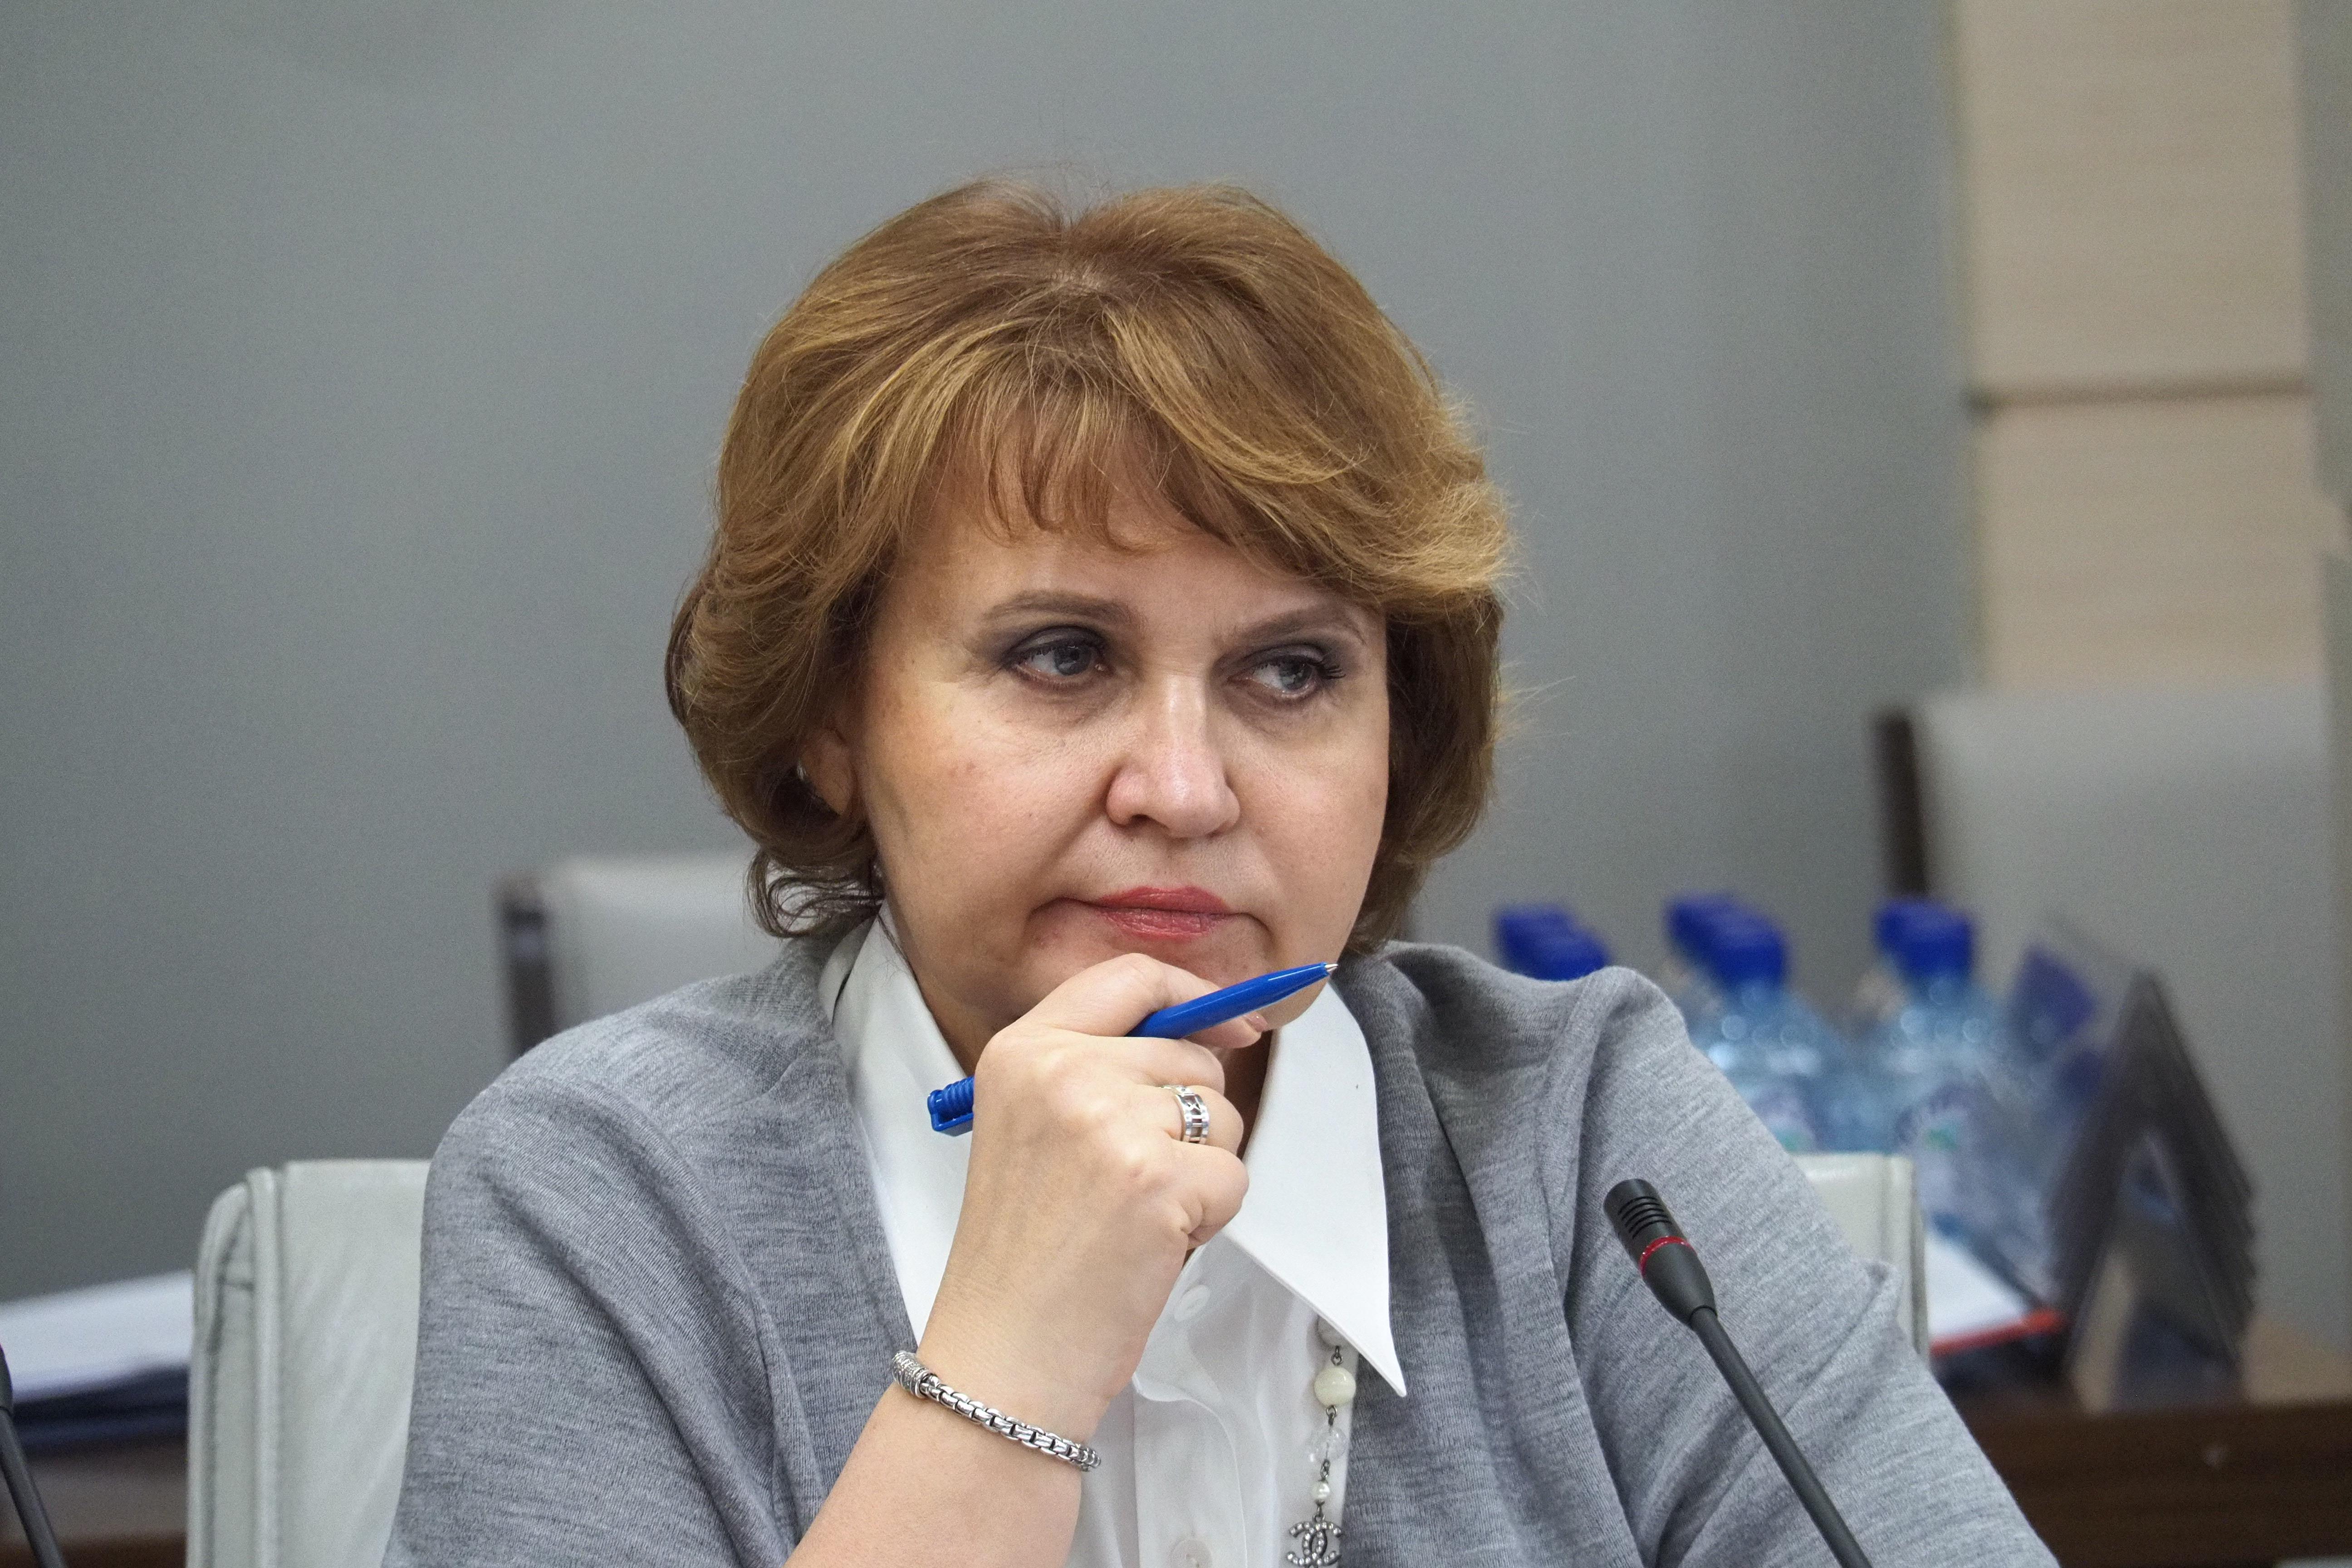 Депутат МГД Гусева: Приостановка имущественно-земельных проверок – своевременный шаг мэрии Москвы